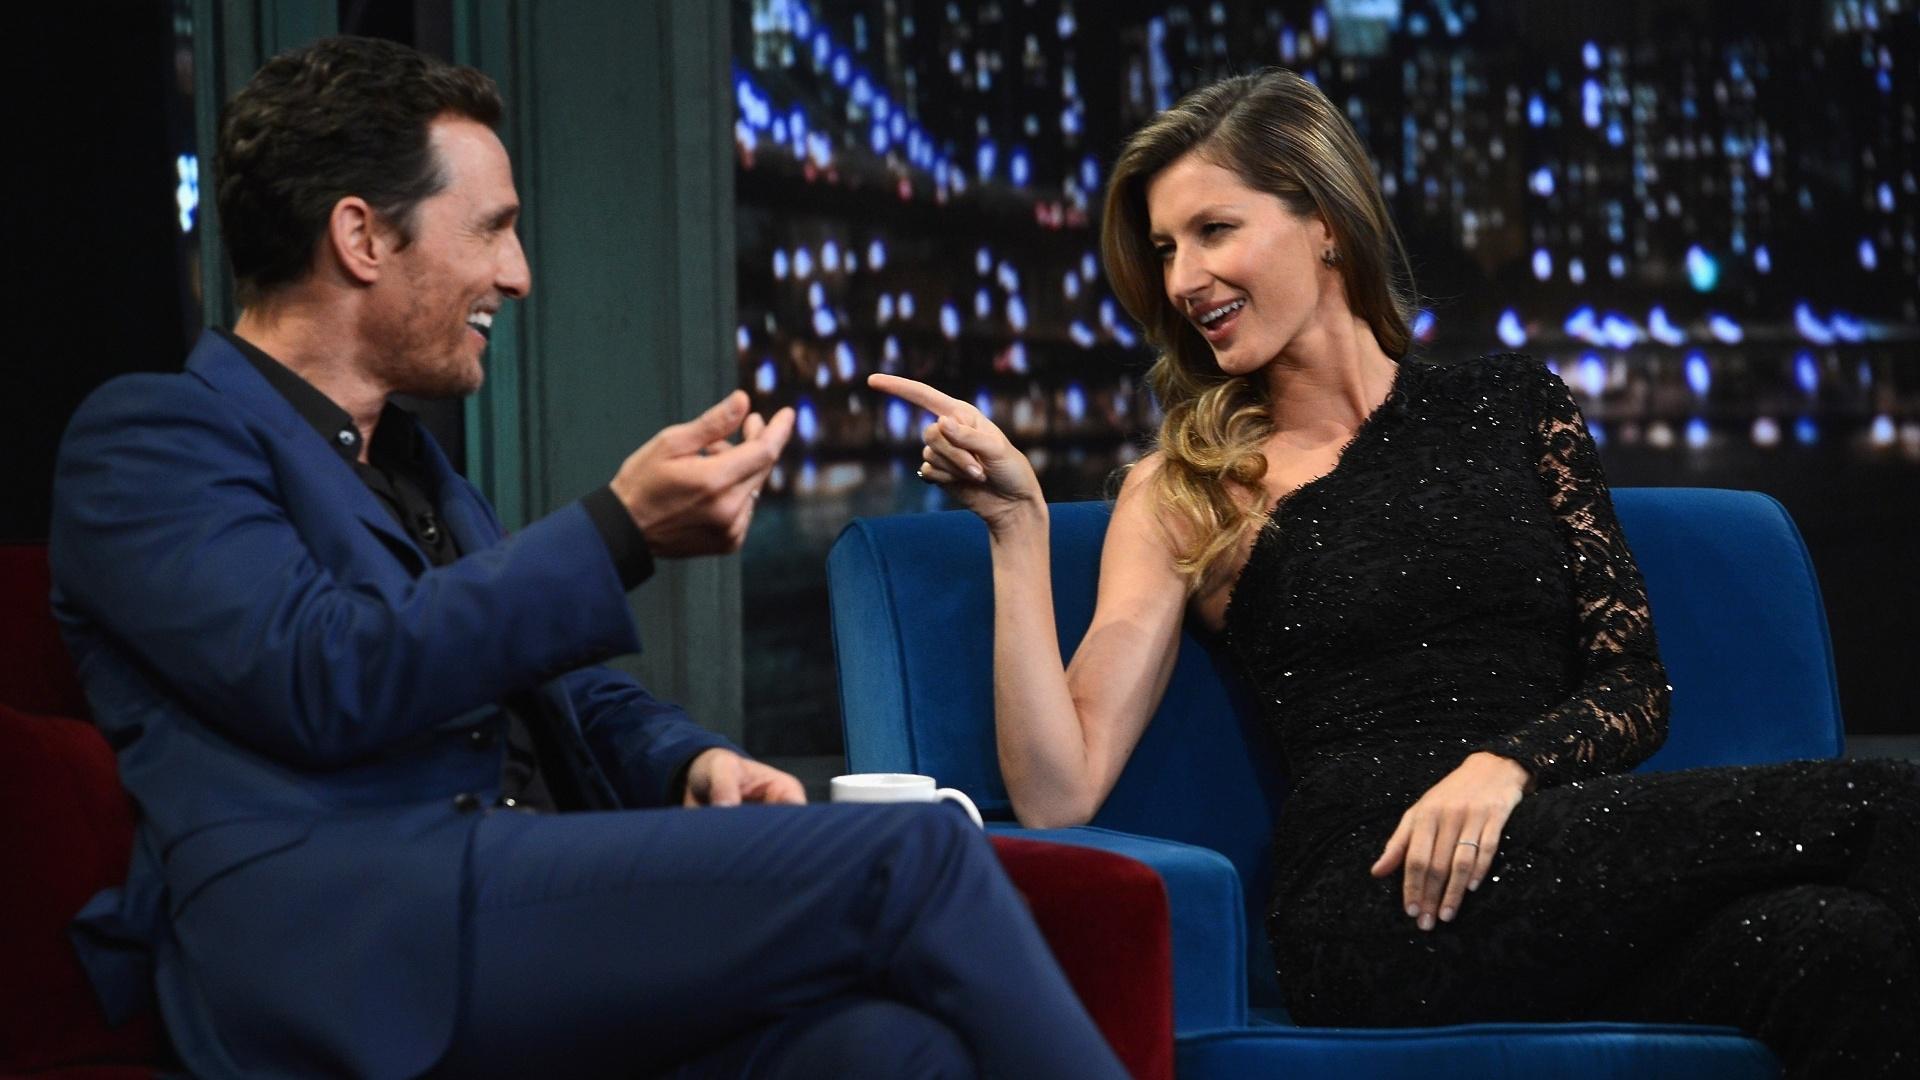 6.jan.2013 - Gisele Bundchen brinca com Matthew McConaughey durante sua participação no talk show